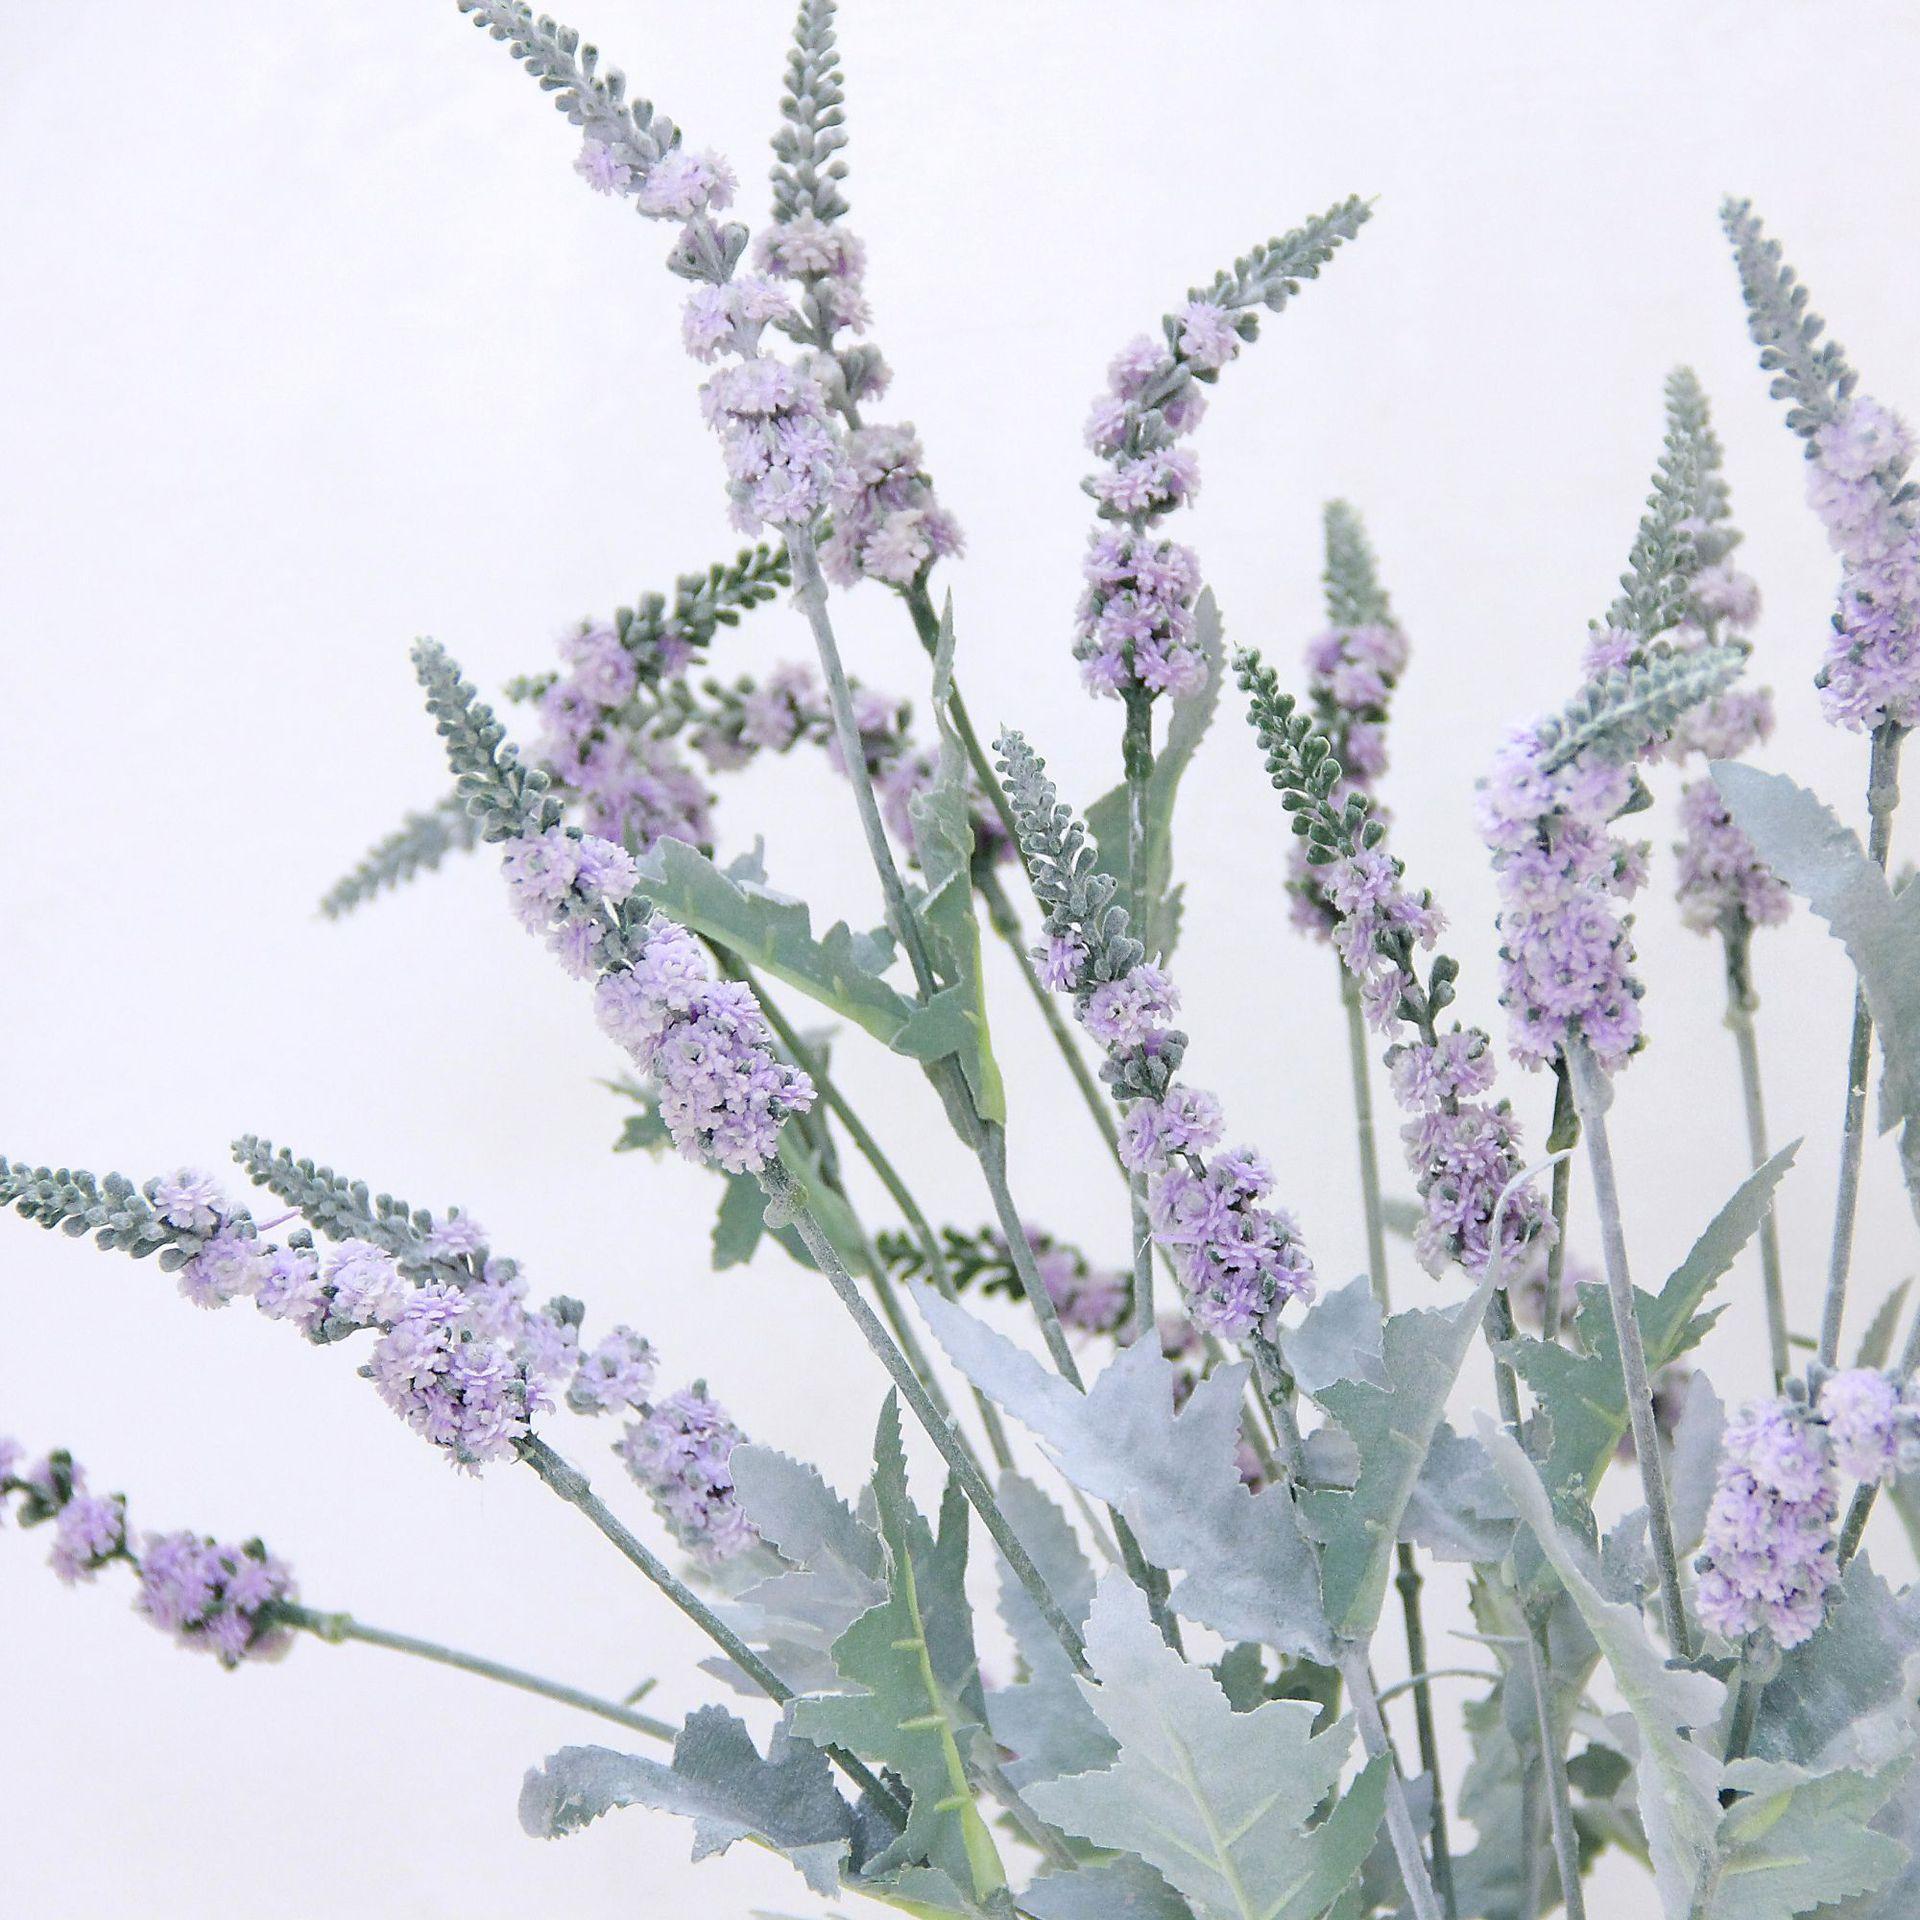 5 قطع النباتات وهمية يتدفقون حكيم ديكور المنزل النبات الأخضر الزفاف زهرة الترتيبات باقة التصوير الدعائم النباتات الاصطناعية